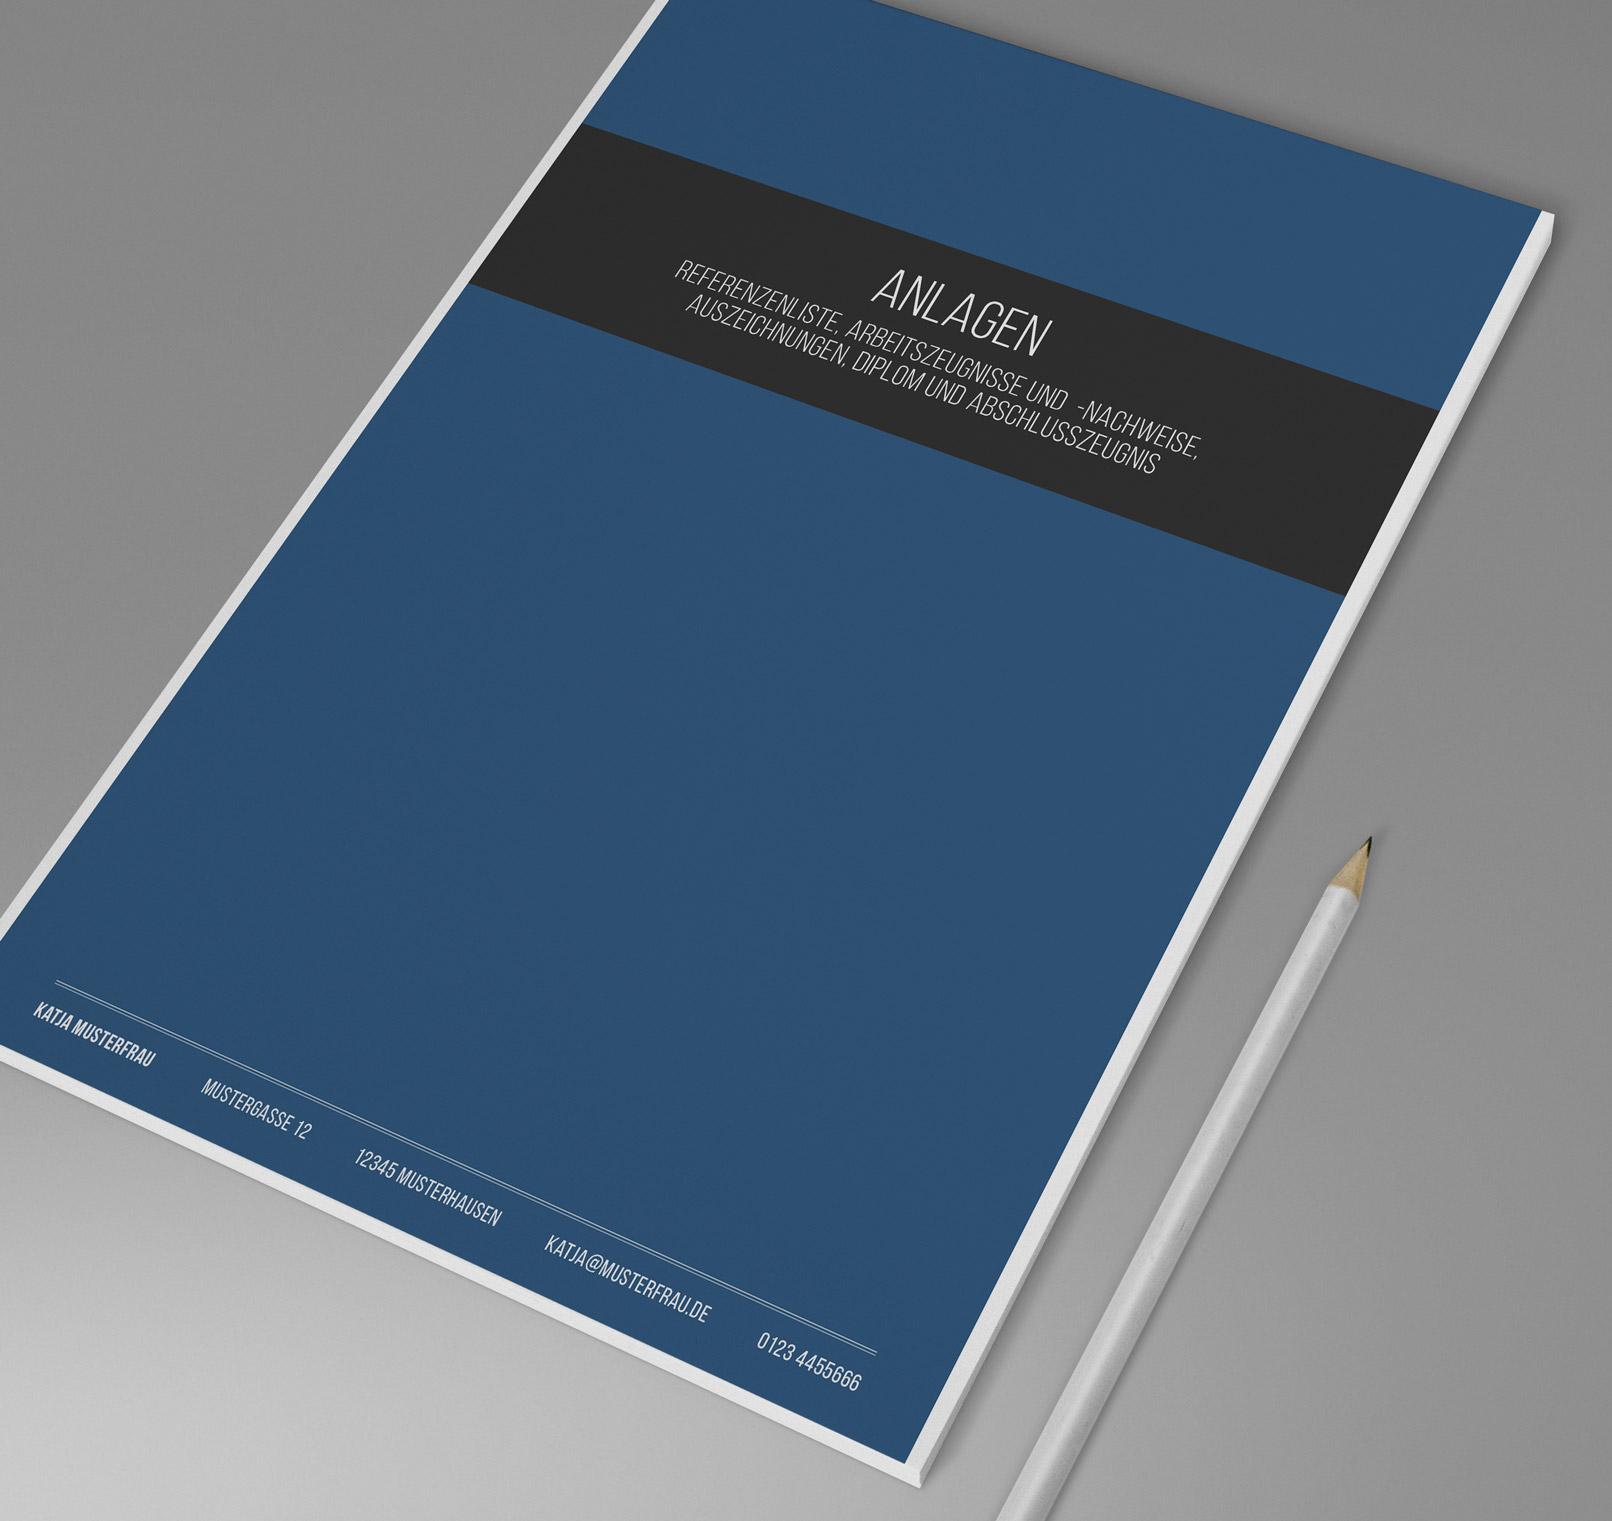 Design-Muster zur Bewerbung als Bürokauffrau, Bürokaufmann, Anlagen-Seite in Blau